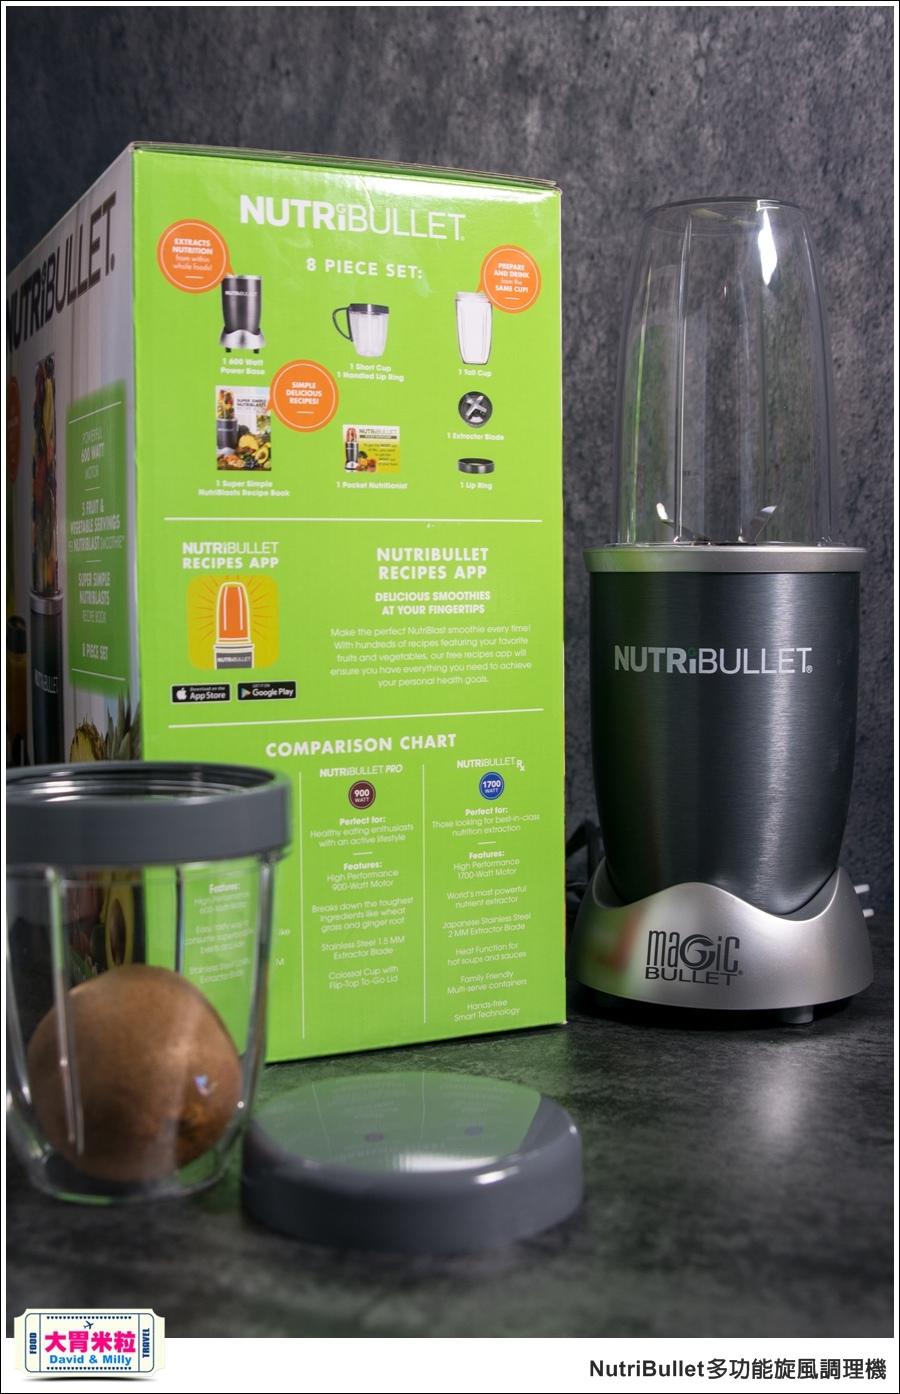 食物調理機推薦@美國NutriBullet高效精萃多功能旋風調理機@大胃米粒_003.jpg